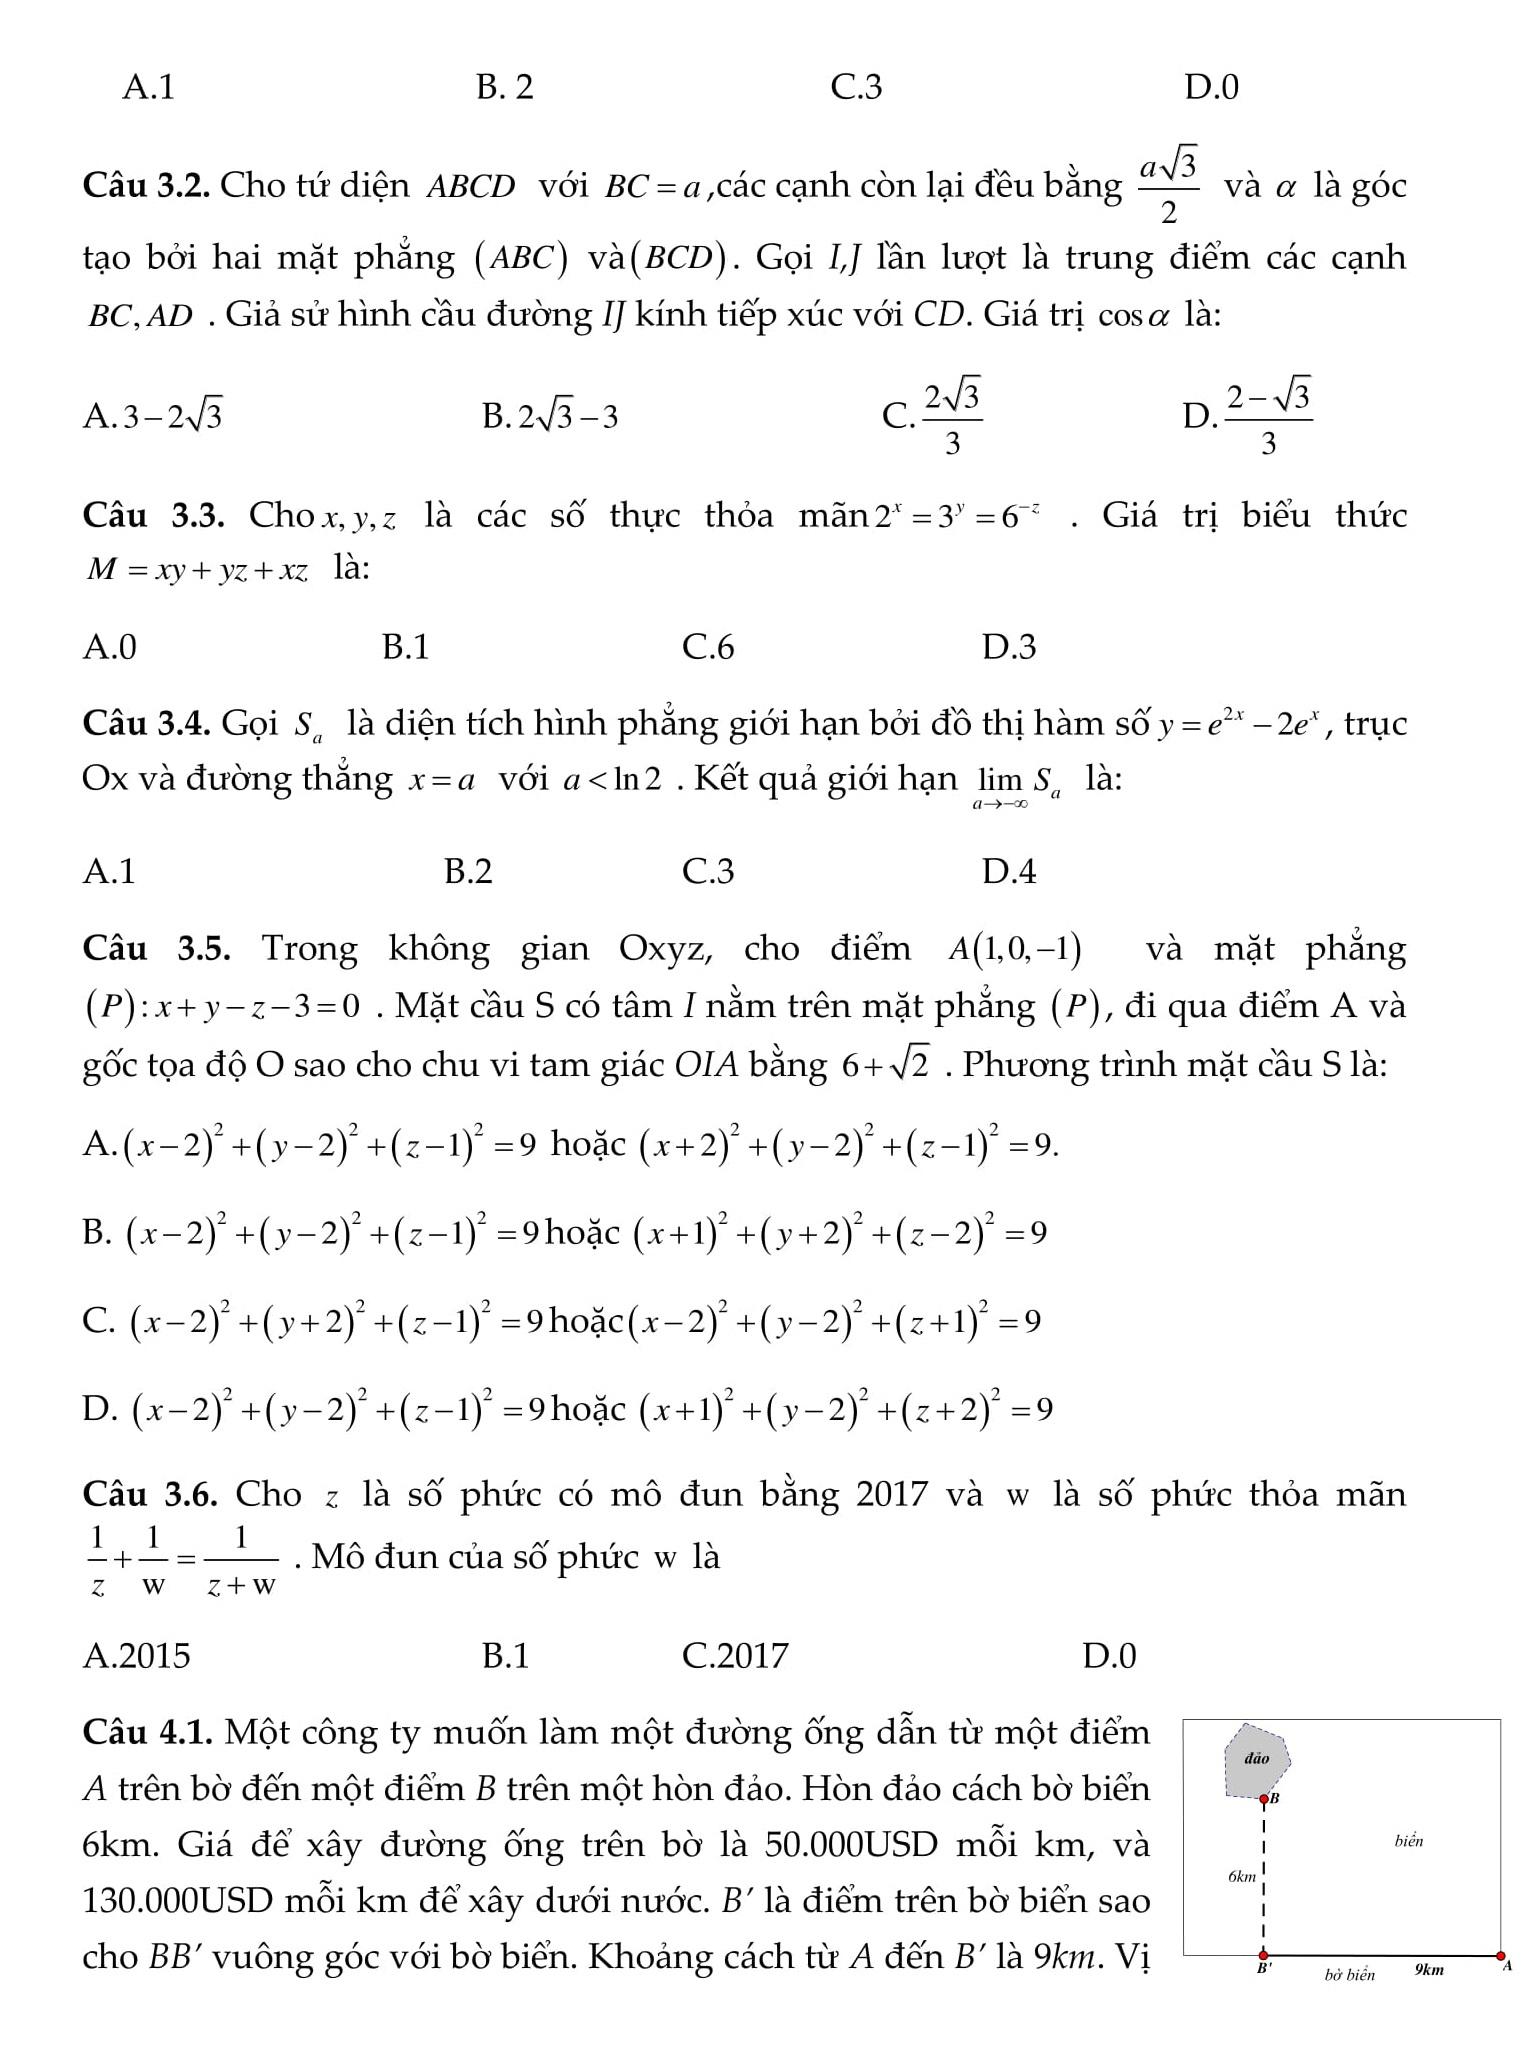 250 Bài tập Toán 12 được tổng hợp cả năm